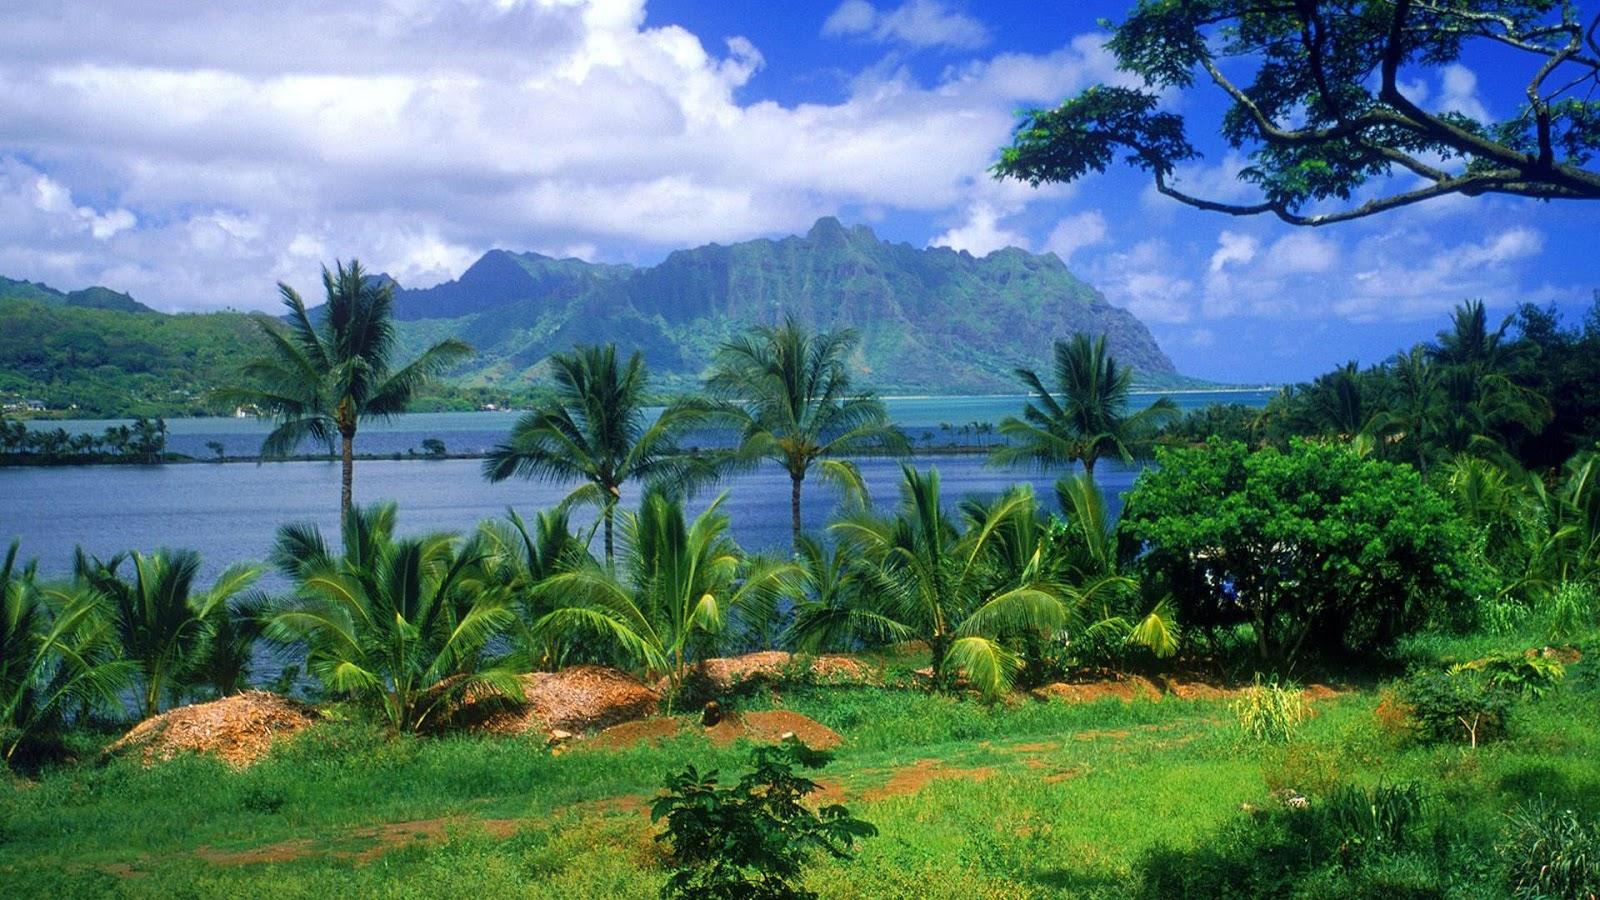 palm landscape wallpapers